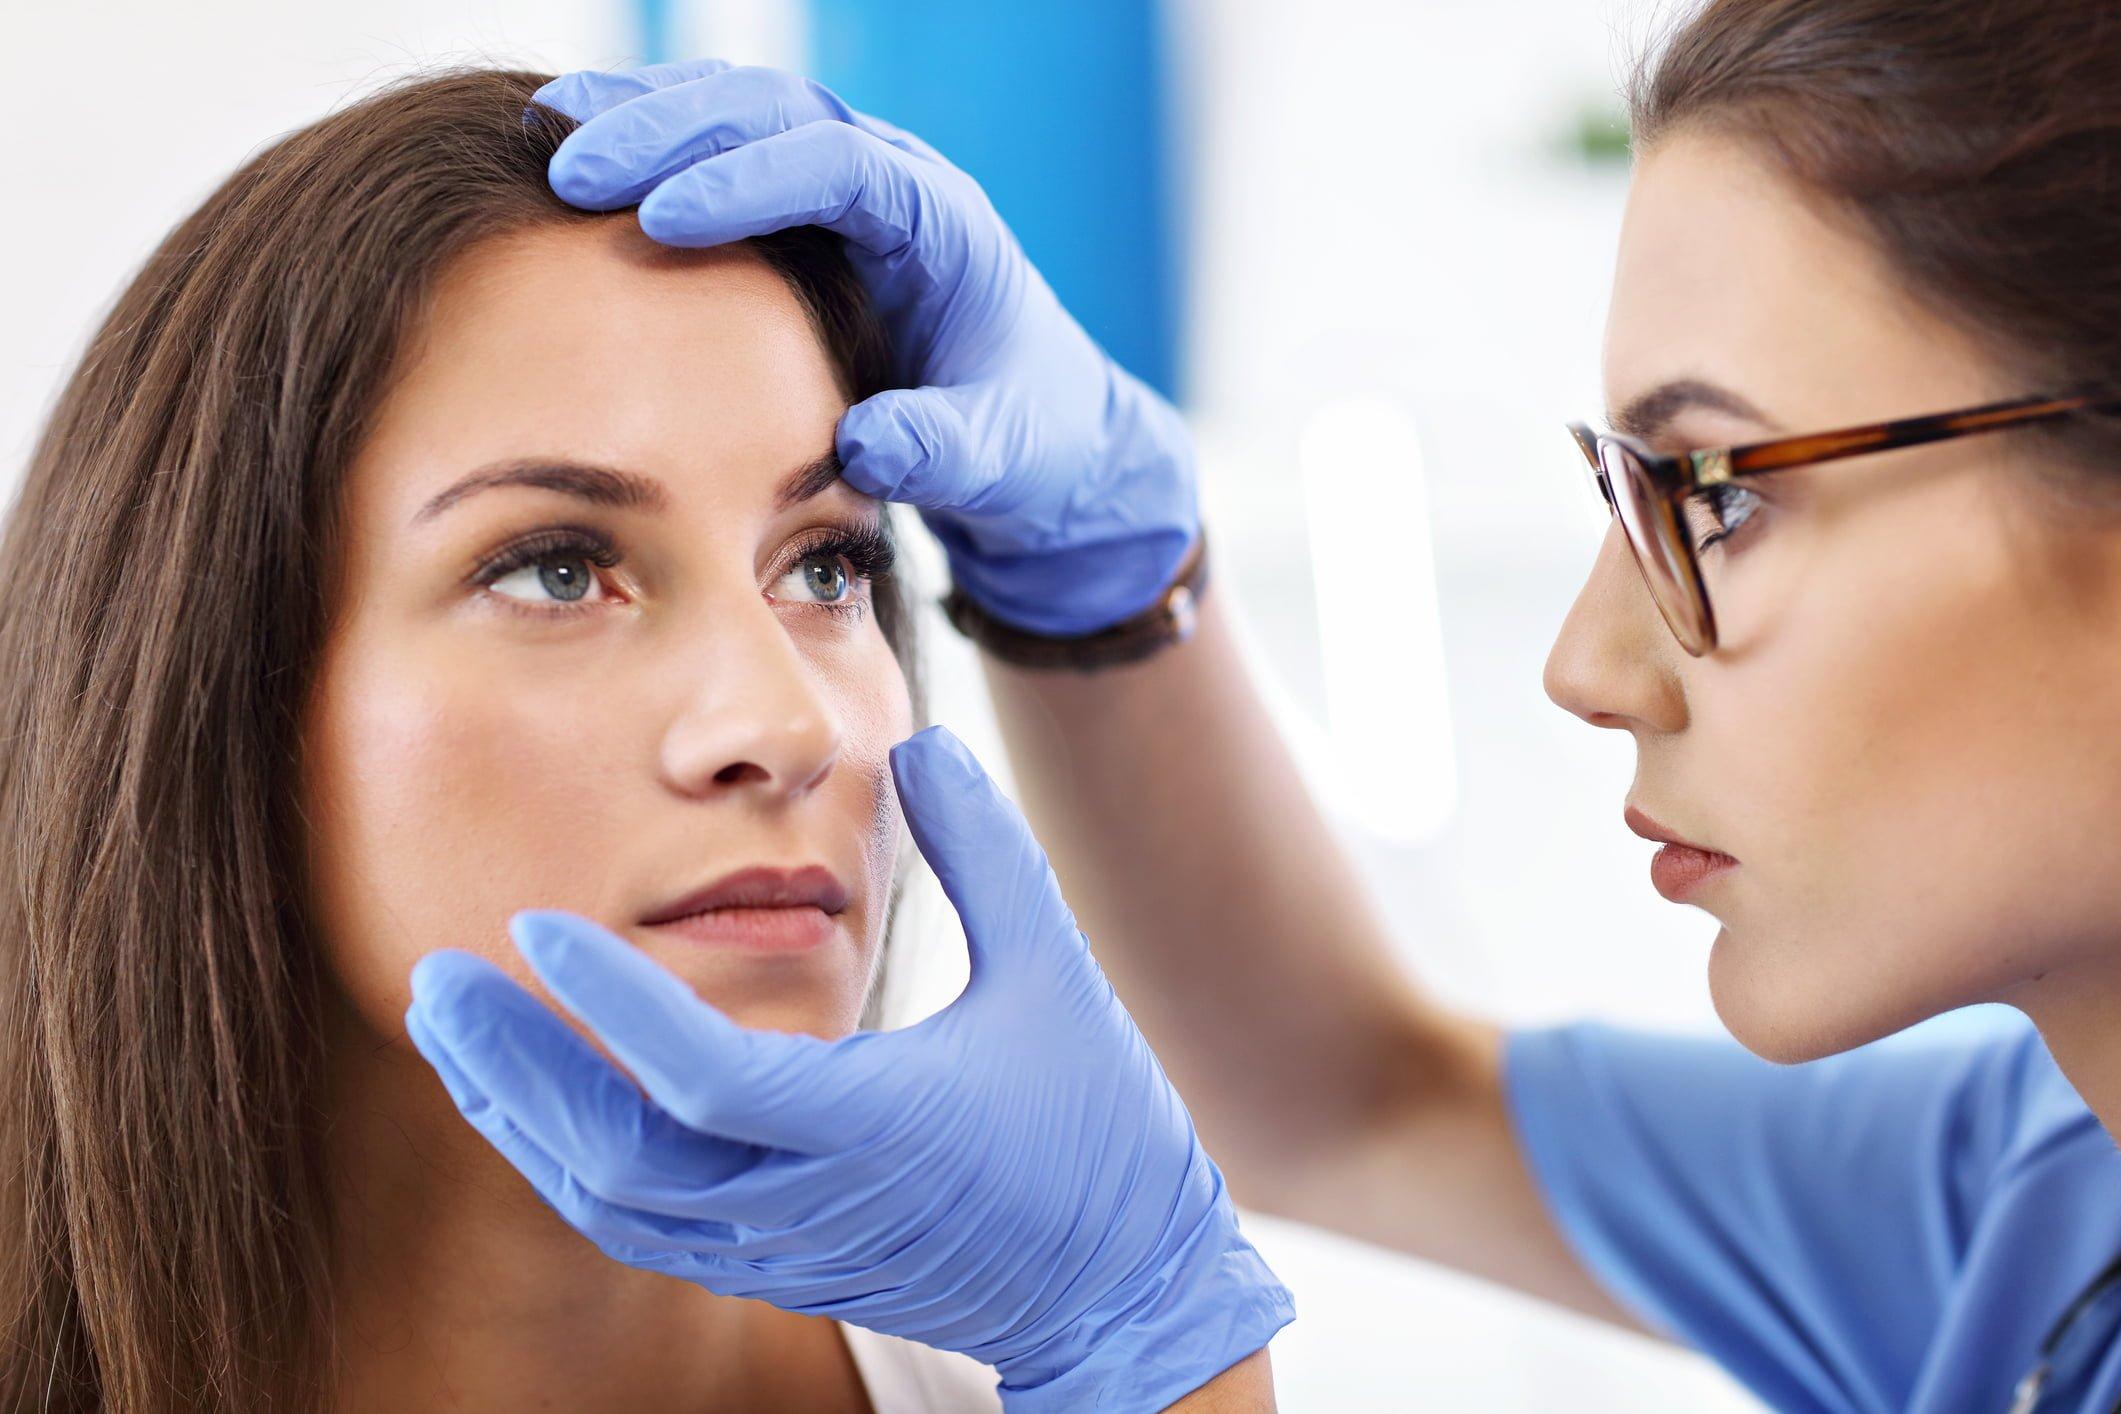 Coronavirus And Your Eyes | COVID-19 Eye Safety